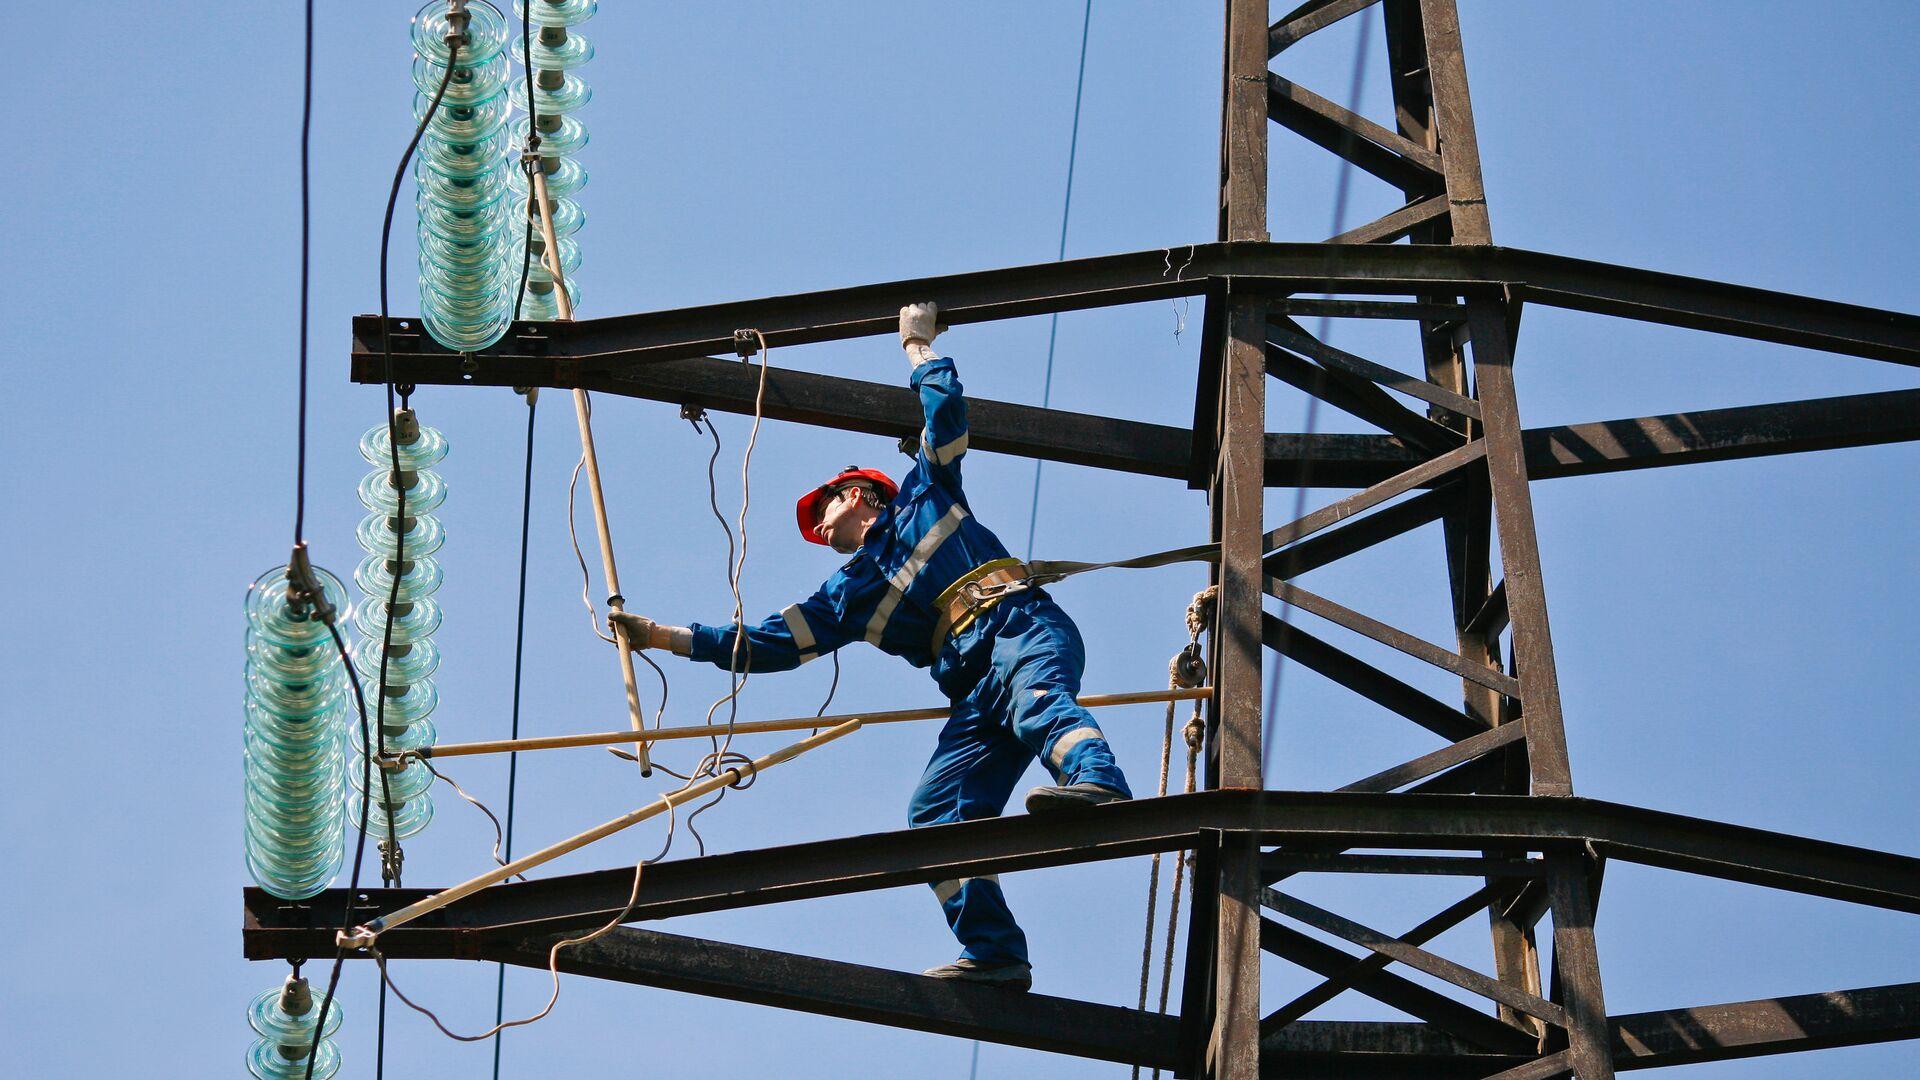 Монтажник проводит плановый ремонт на линии электропередач - РИА Новости, 1920, 16.11.2020